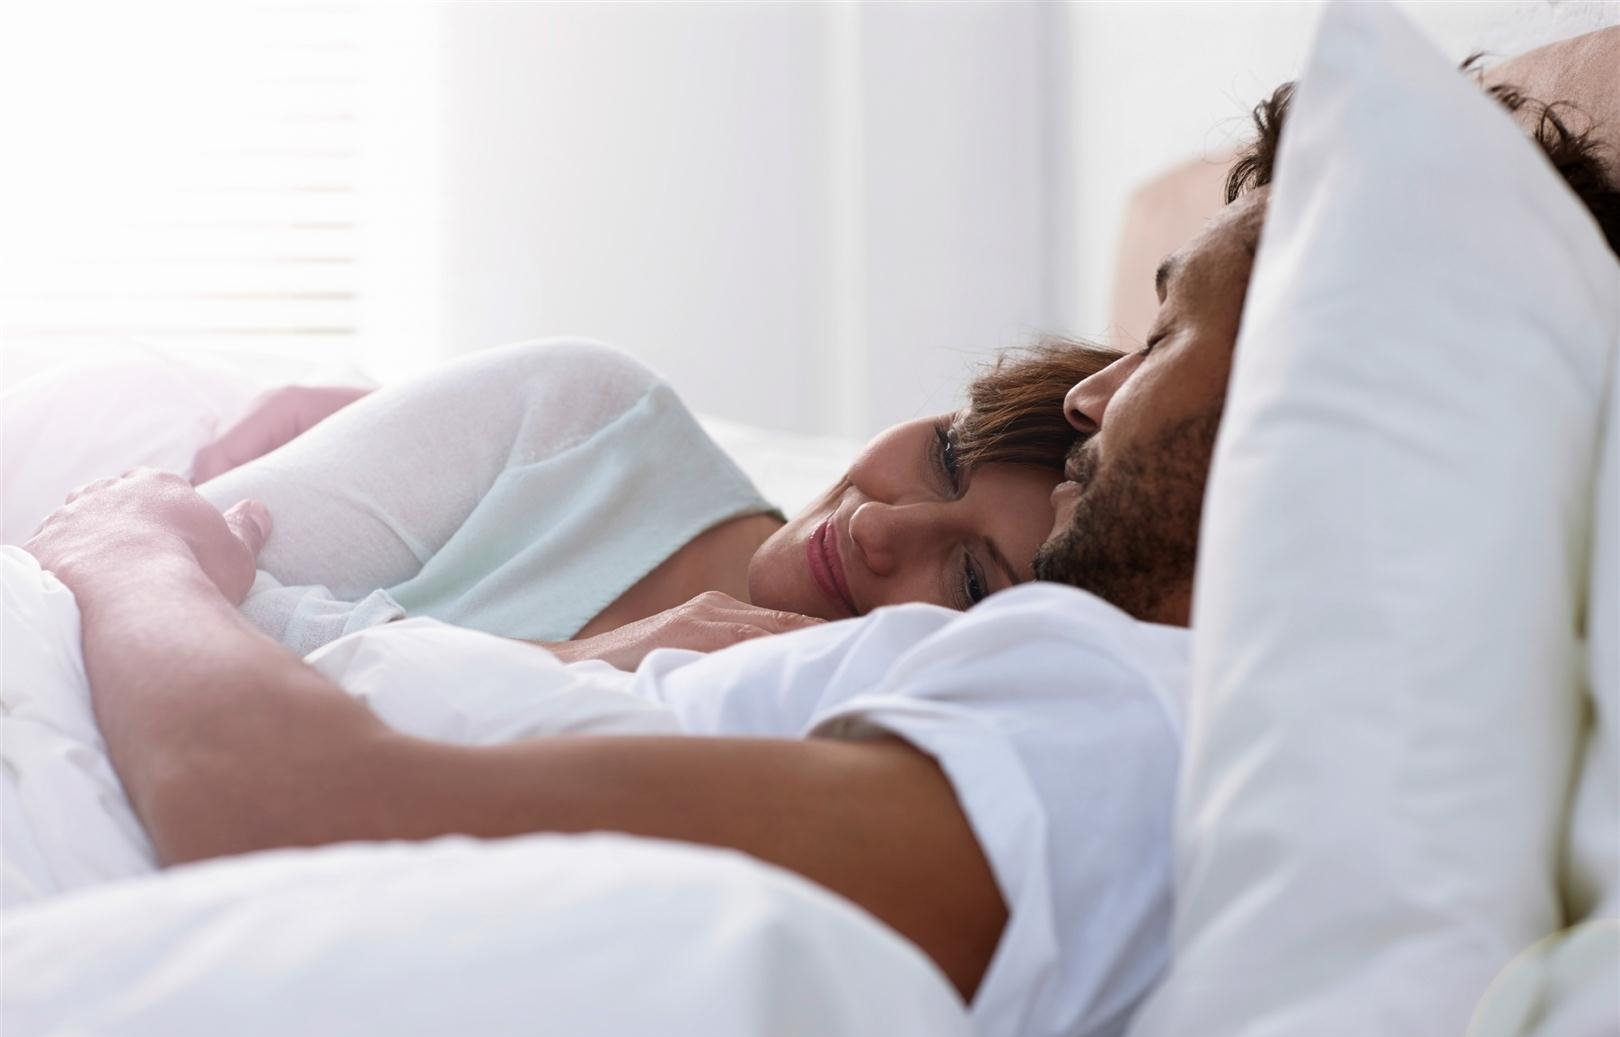 Le ispirazioni per una routine felice in coppia